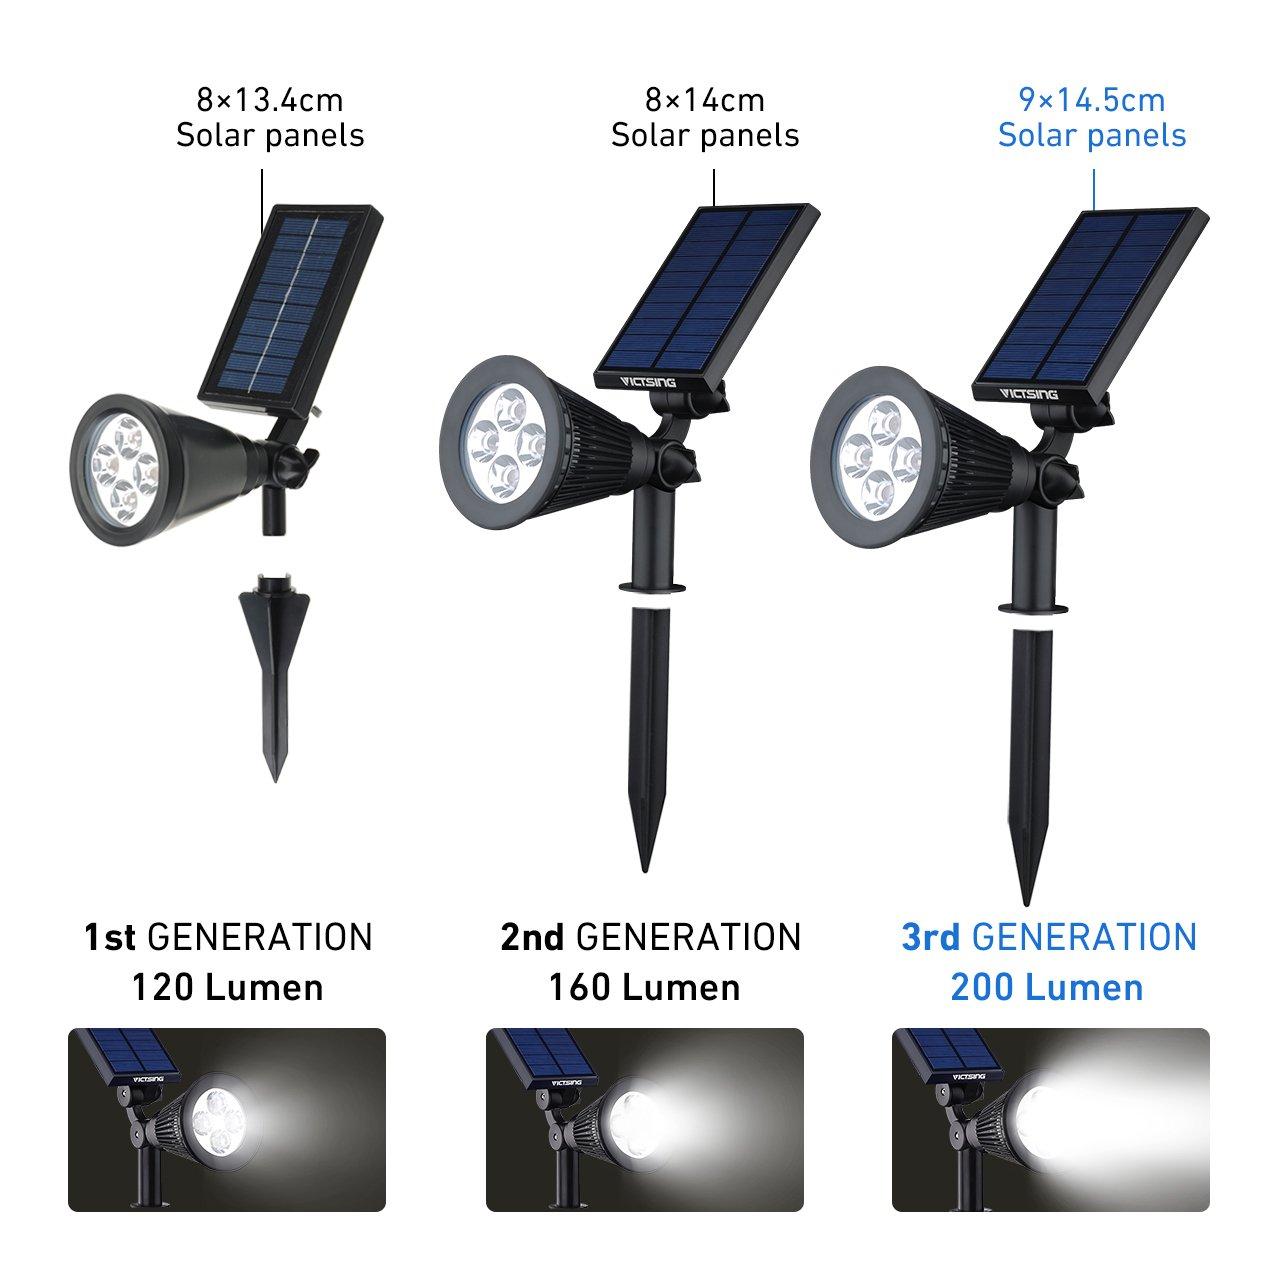 VicTsing Solarbetriebene LED,wasserdicht und Staubdichtes 4 St/ücke Solar Solarleuchten